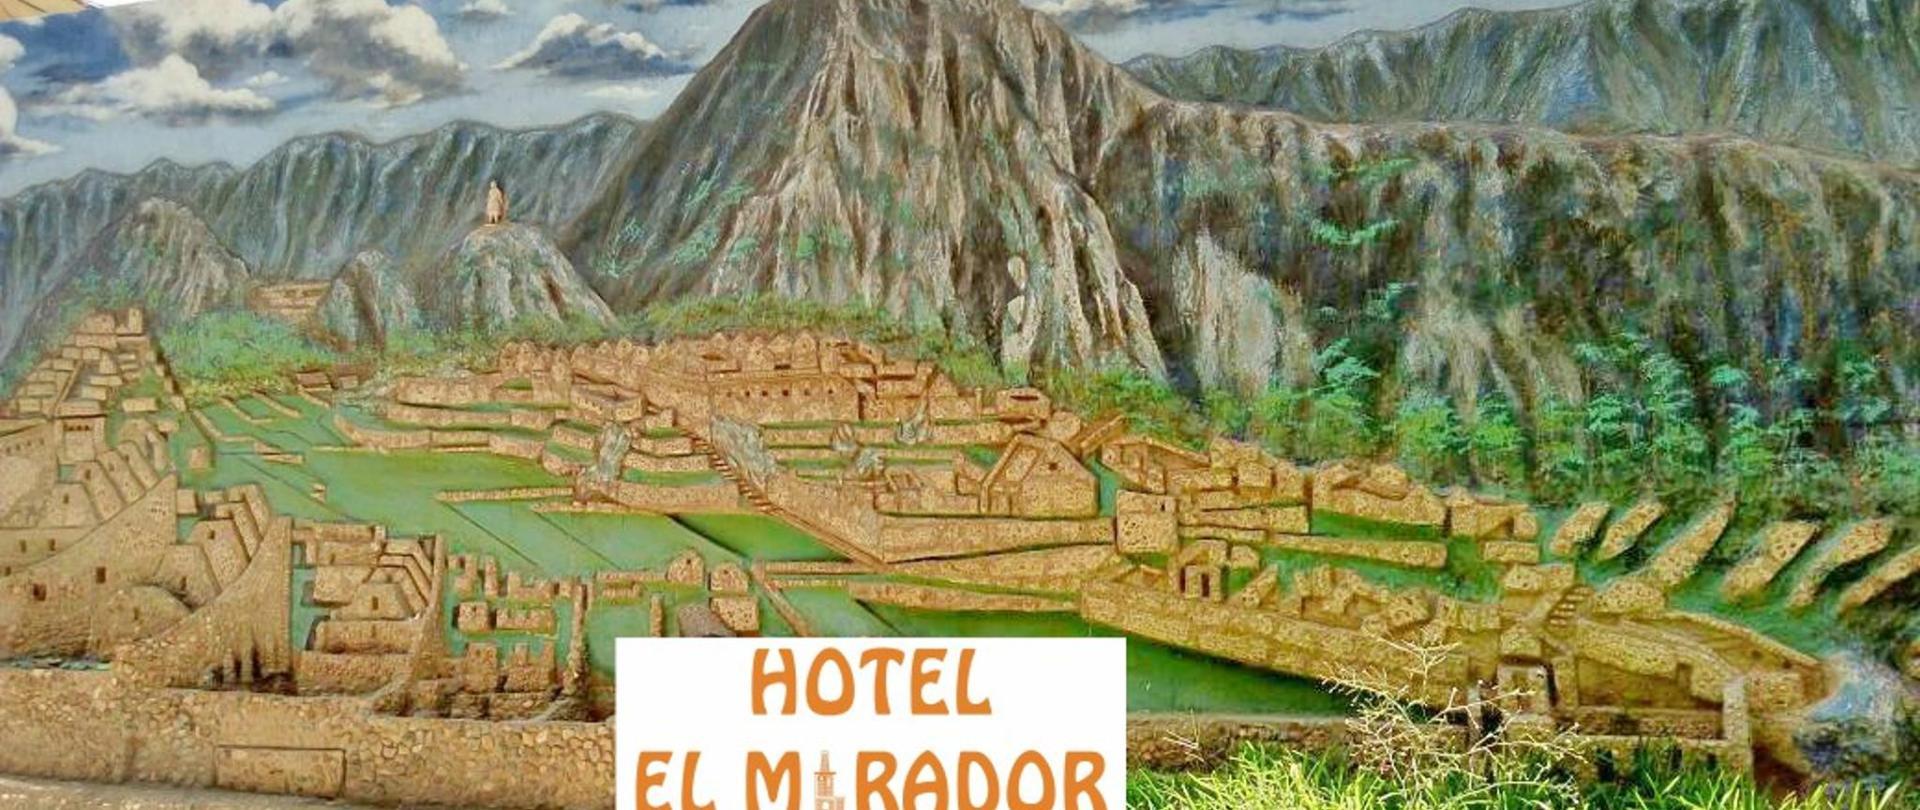 Hotel el mirador, Hotel el Mirador Pacasmayo, Hostal en pacasmayo, Posada en Pacasmayo, Hostales en Pacasmayo, Hospedaje en Pacasmayo, surf, kitesurf, windsurf, Masajes Relajantes Hotel el Mirador, Restaurant Pastimar 21.jpg